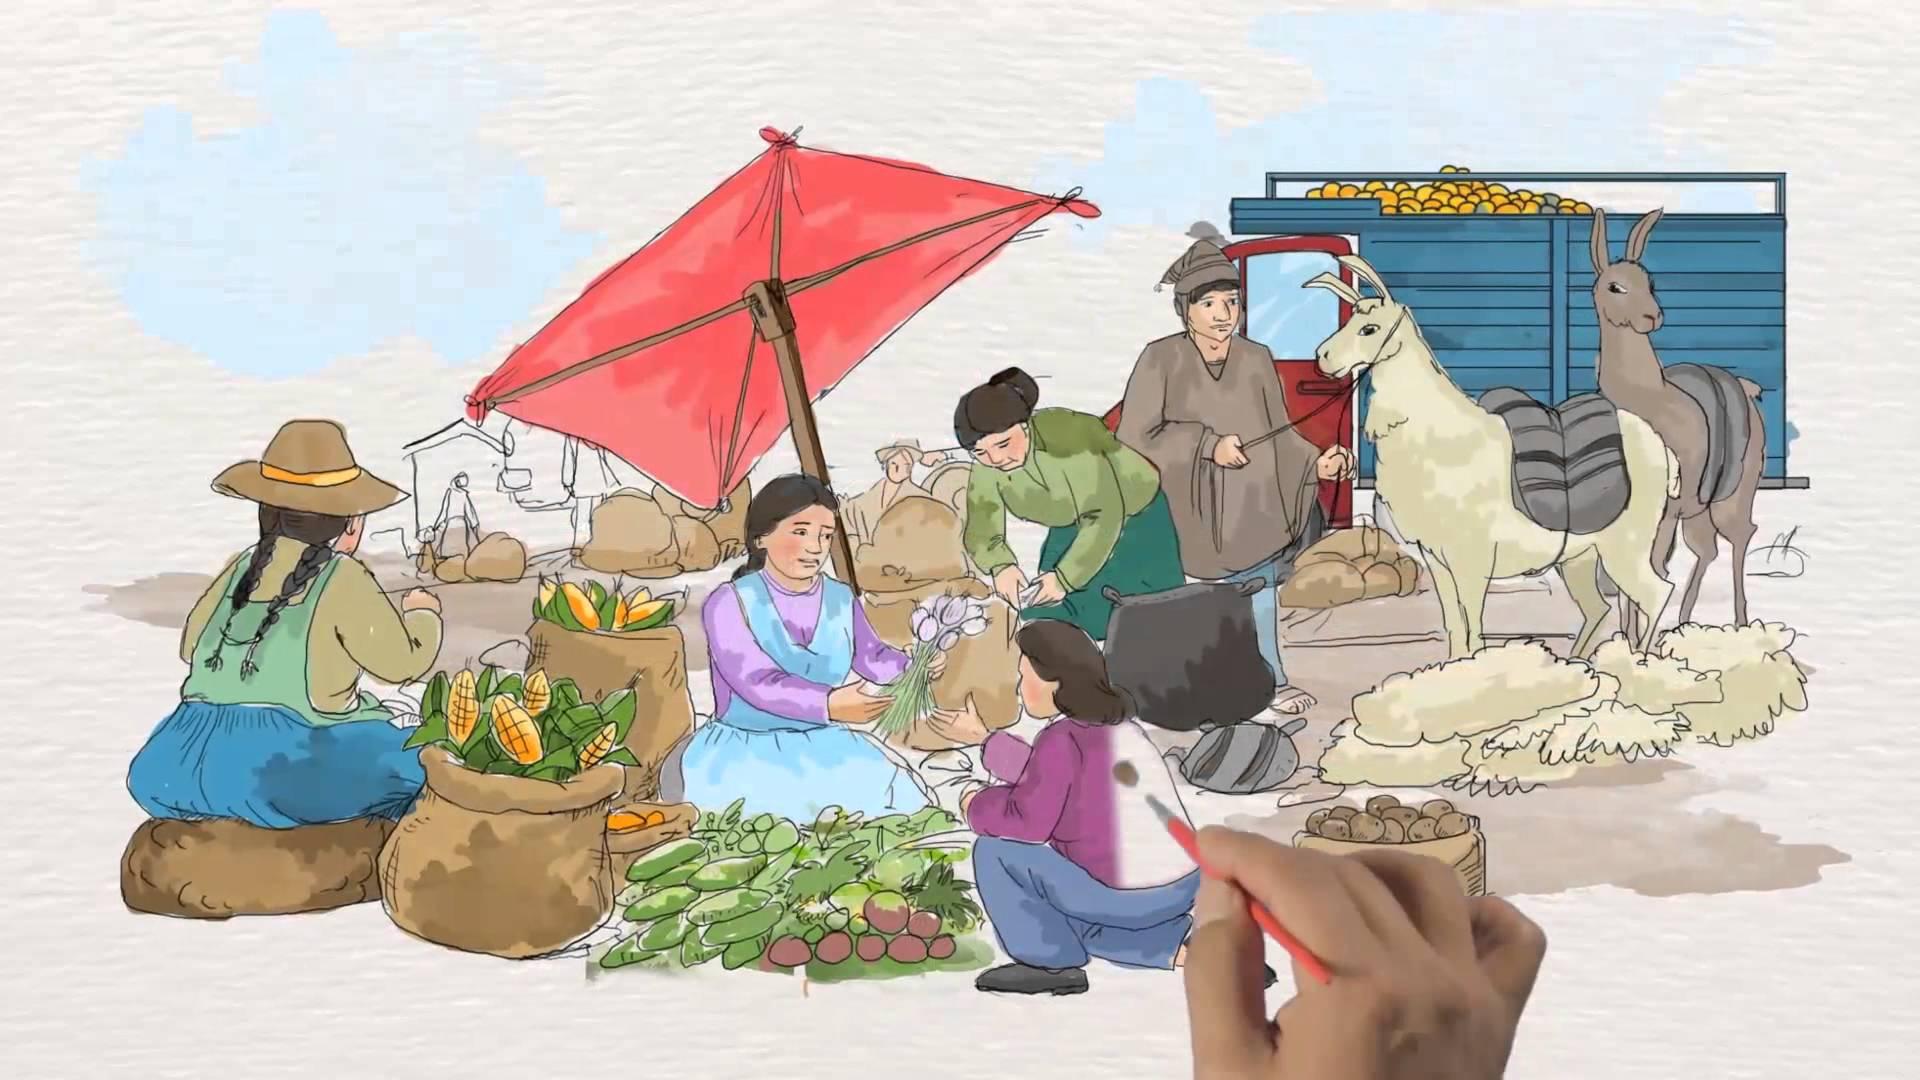 Centros de Alta Conectividad o cómo lograr integralidad, sostenibilidad y producir evidencias del Vivir Bien